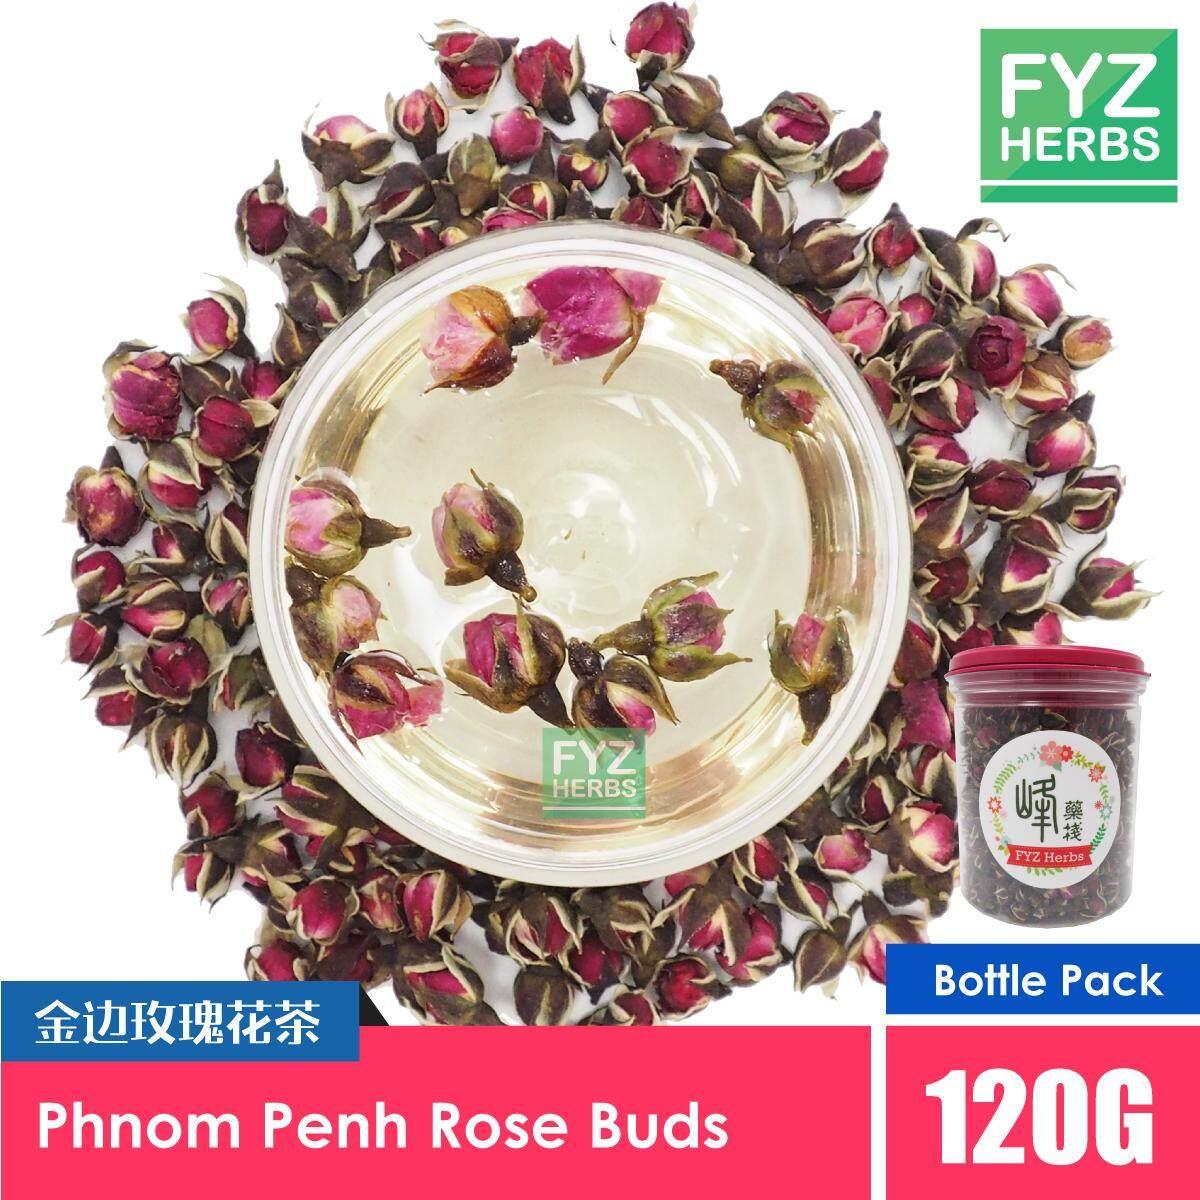 FYZ Herbs Phnom Penh Rose Buds Flower Tea 120G [Bottle Pack] 金边玫瑰花茶罐装 120G